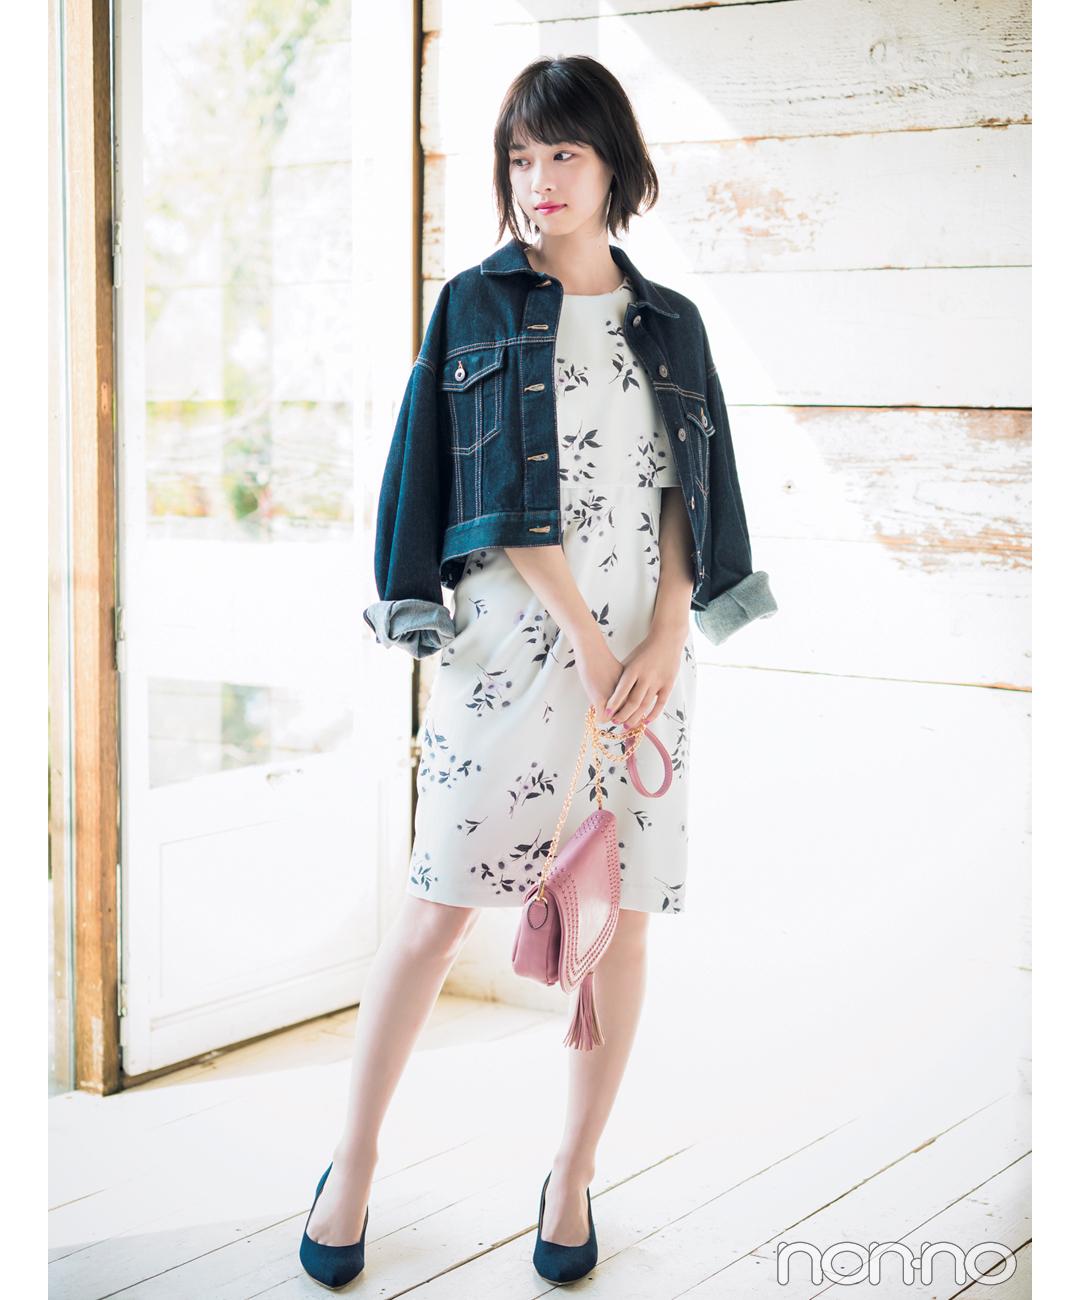 【夏のワンピースコーデ】西野七瀬は、ややタイトなシルエットのワンピースで大人に着こなす!